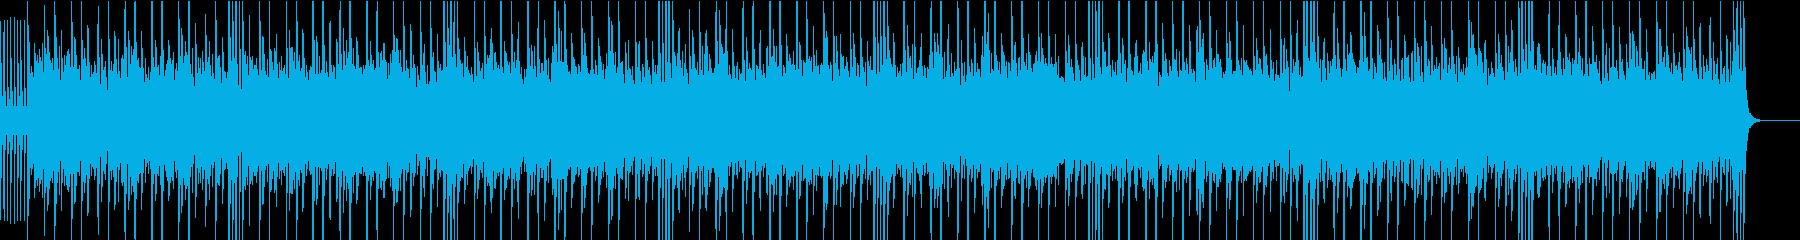 サイファービート5の再生済みの波形